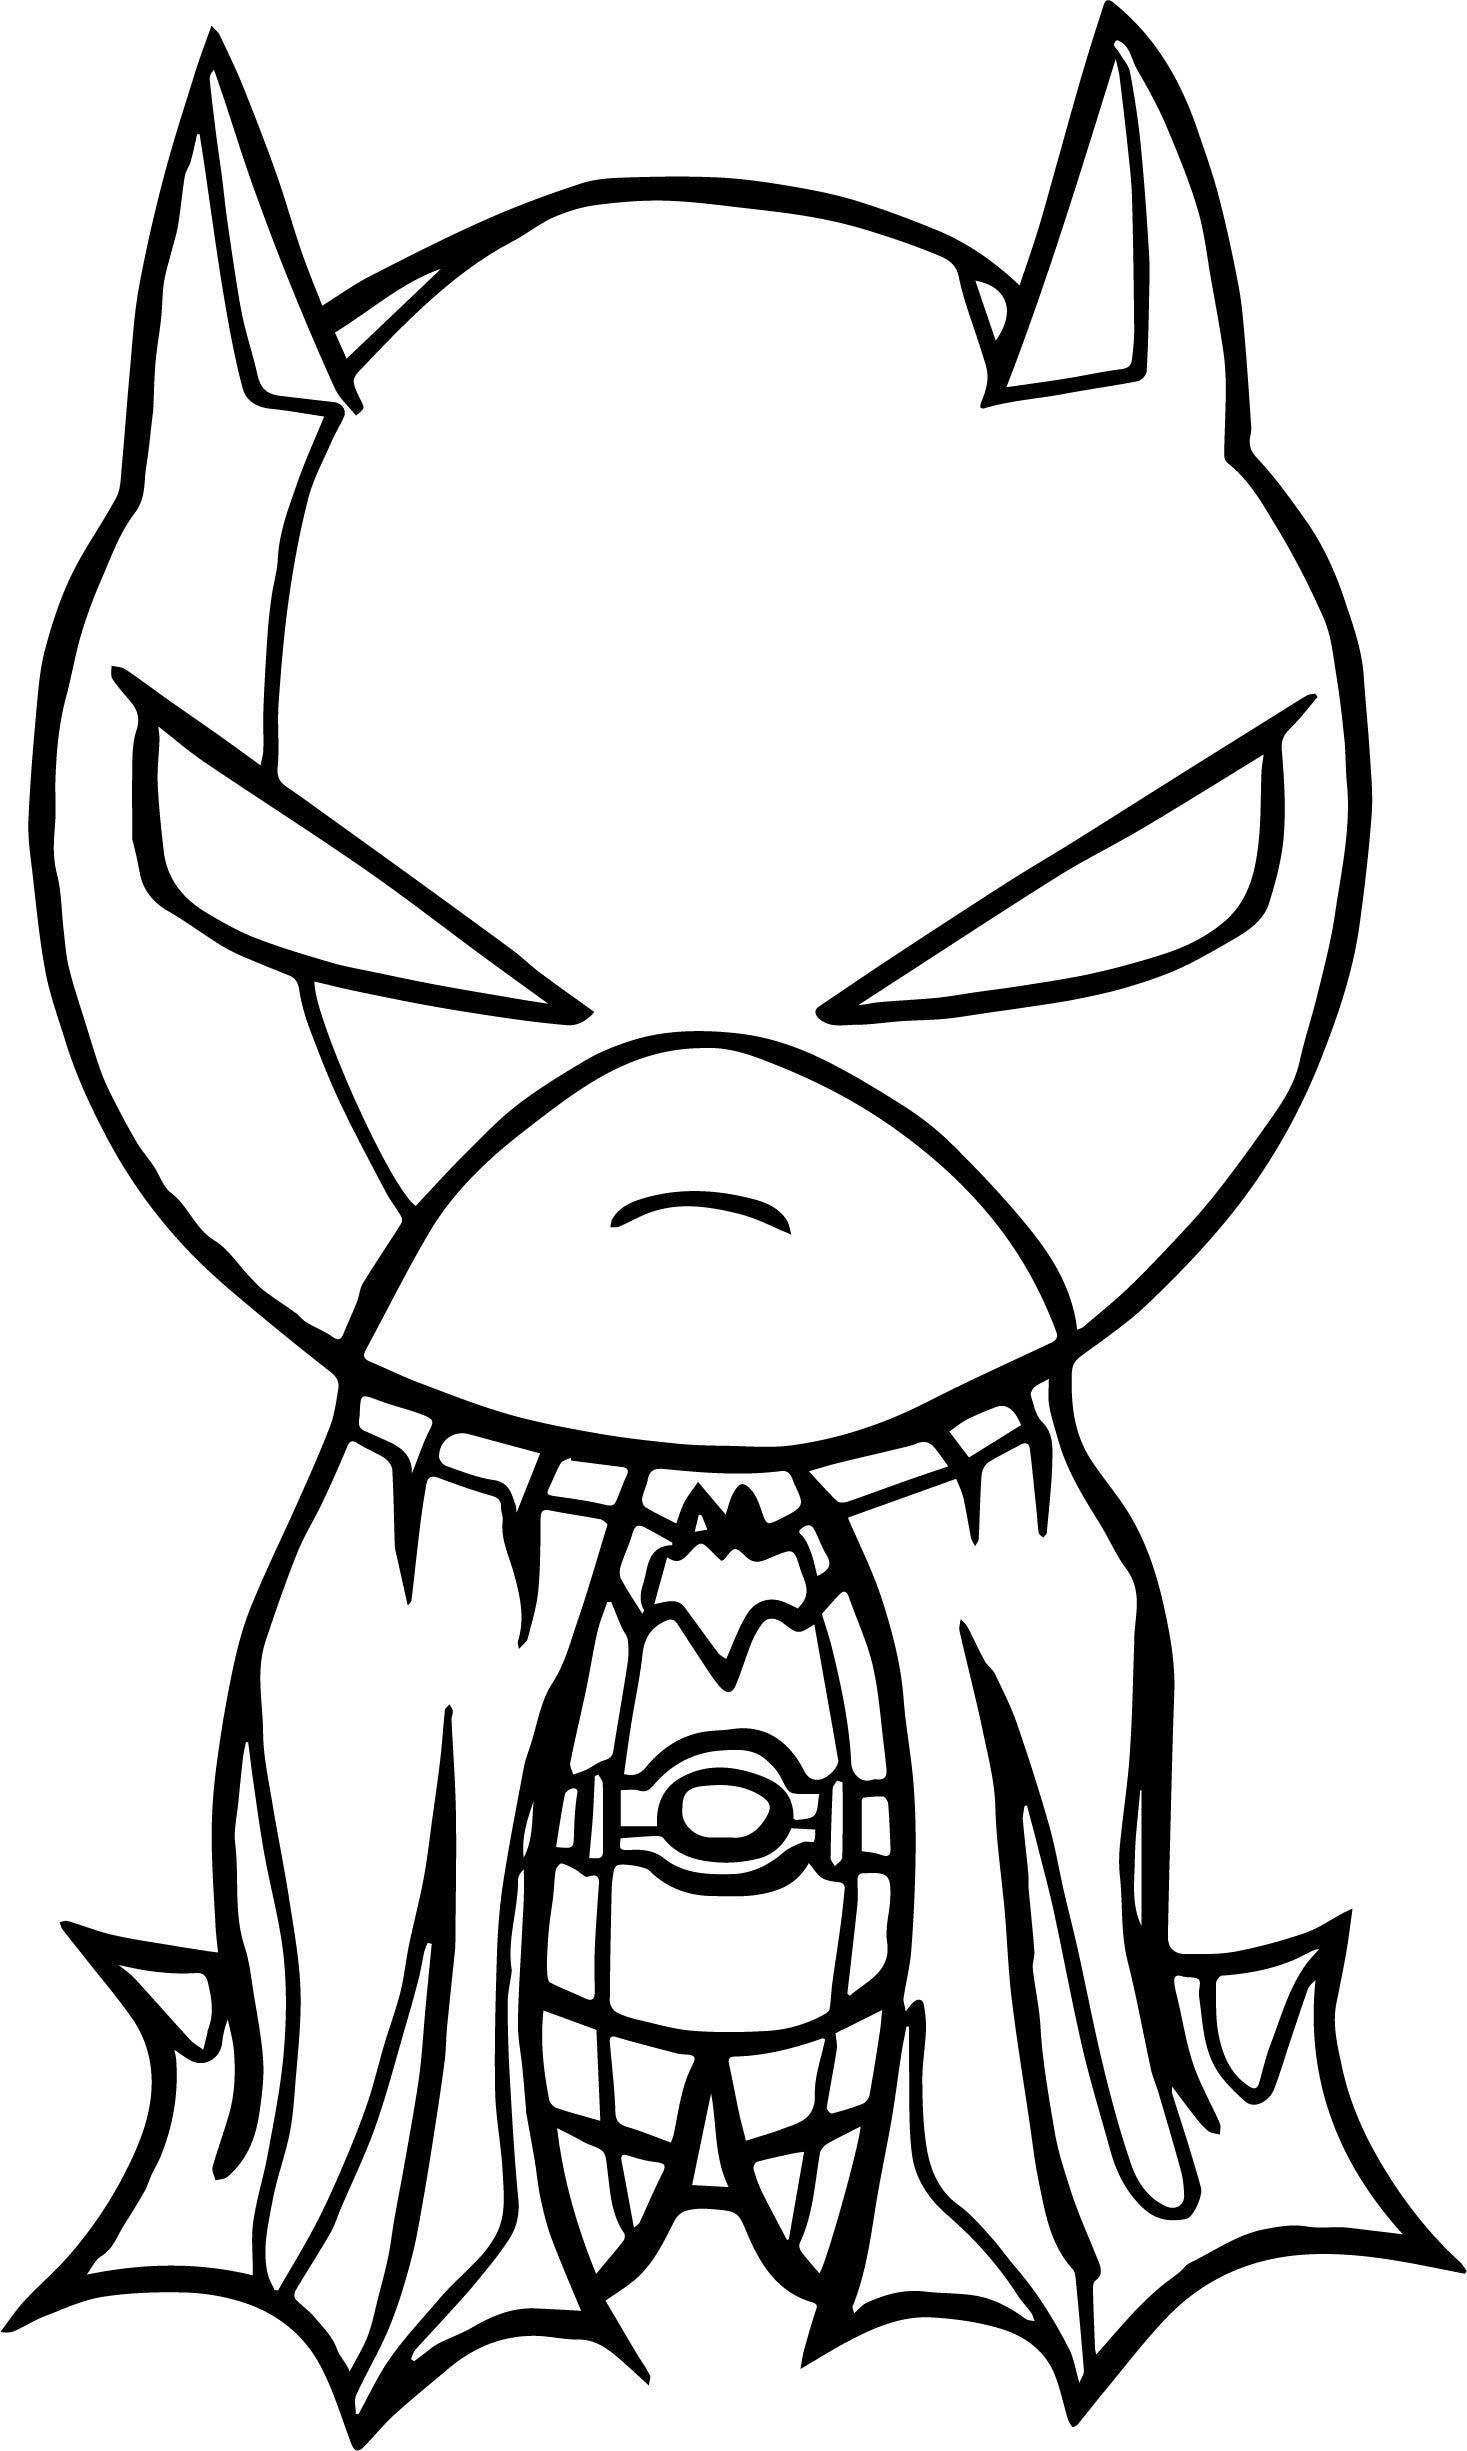 Batman Symbol At Getdrawings Free For Personal Use Batman